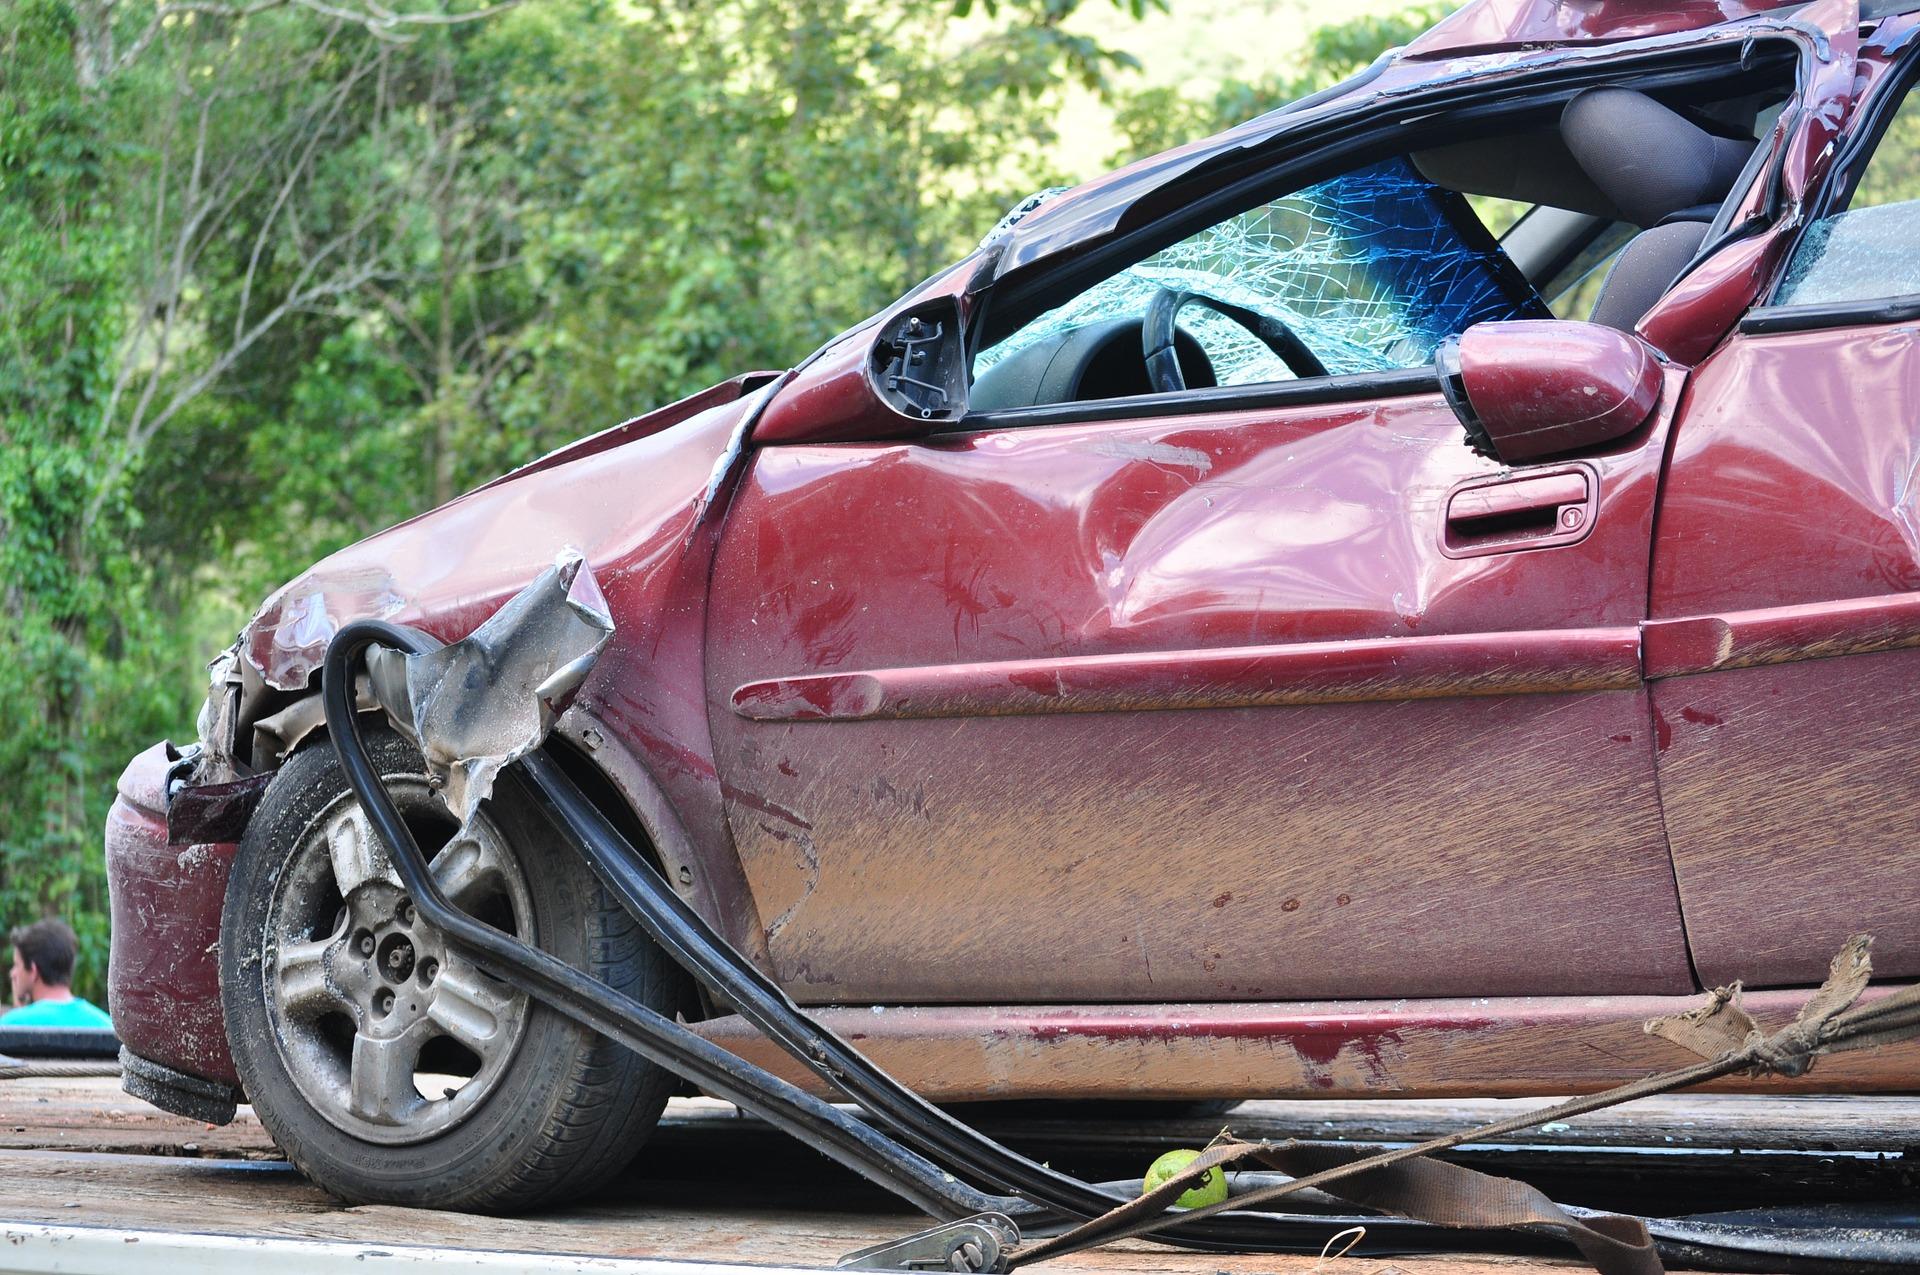 חברת הביטוח החליטה לפצות את הנהגת בסכומים הנמוכים באופן משמעותי ממה שהיא ציפתה לקבל. רכב לאחר התנגשות | צילום המחשה: www.pixabay.com